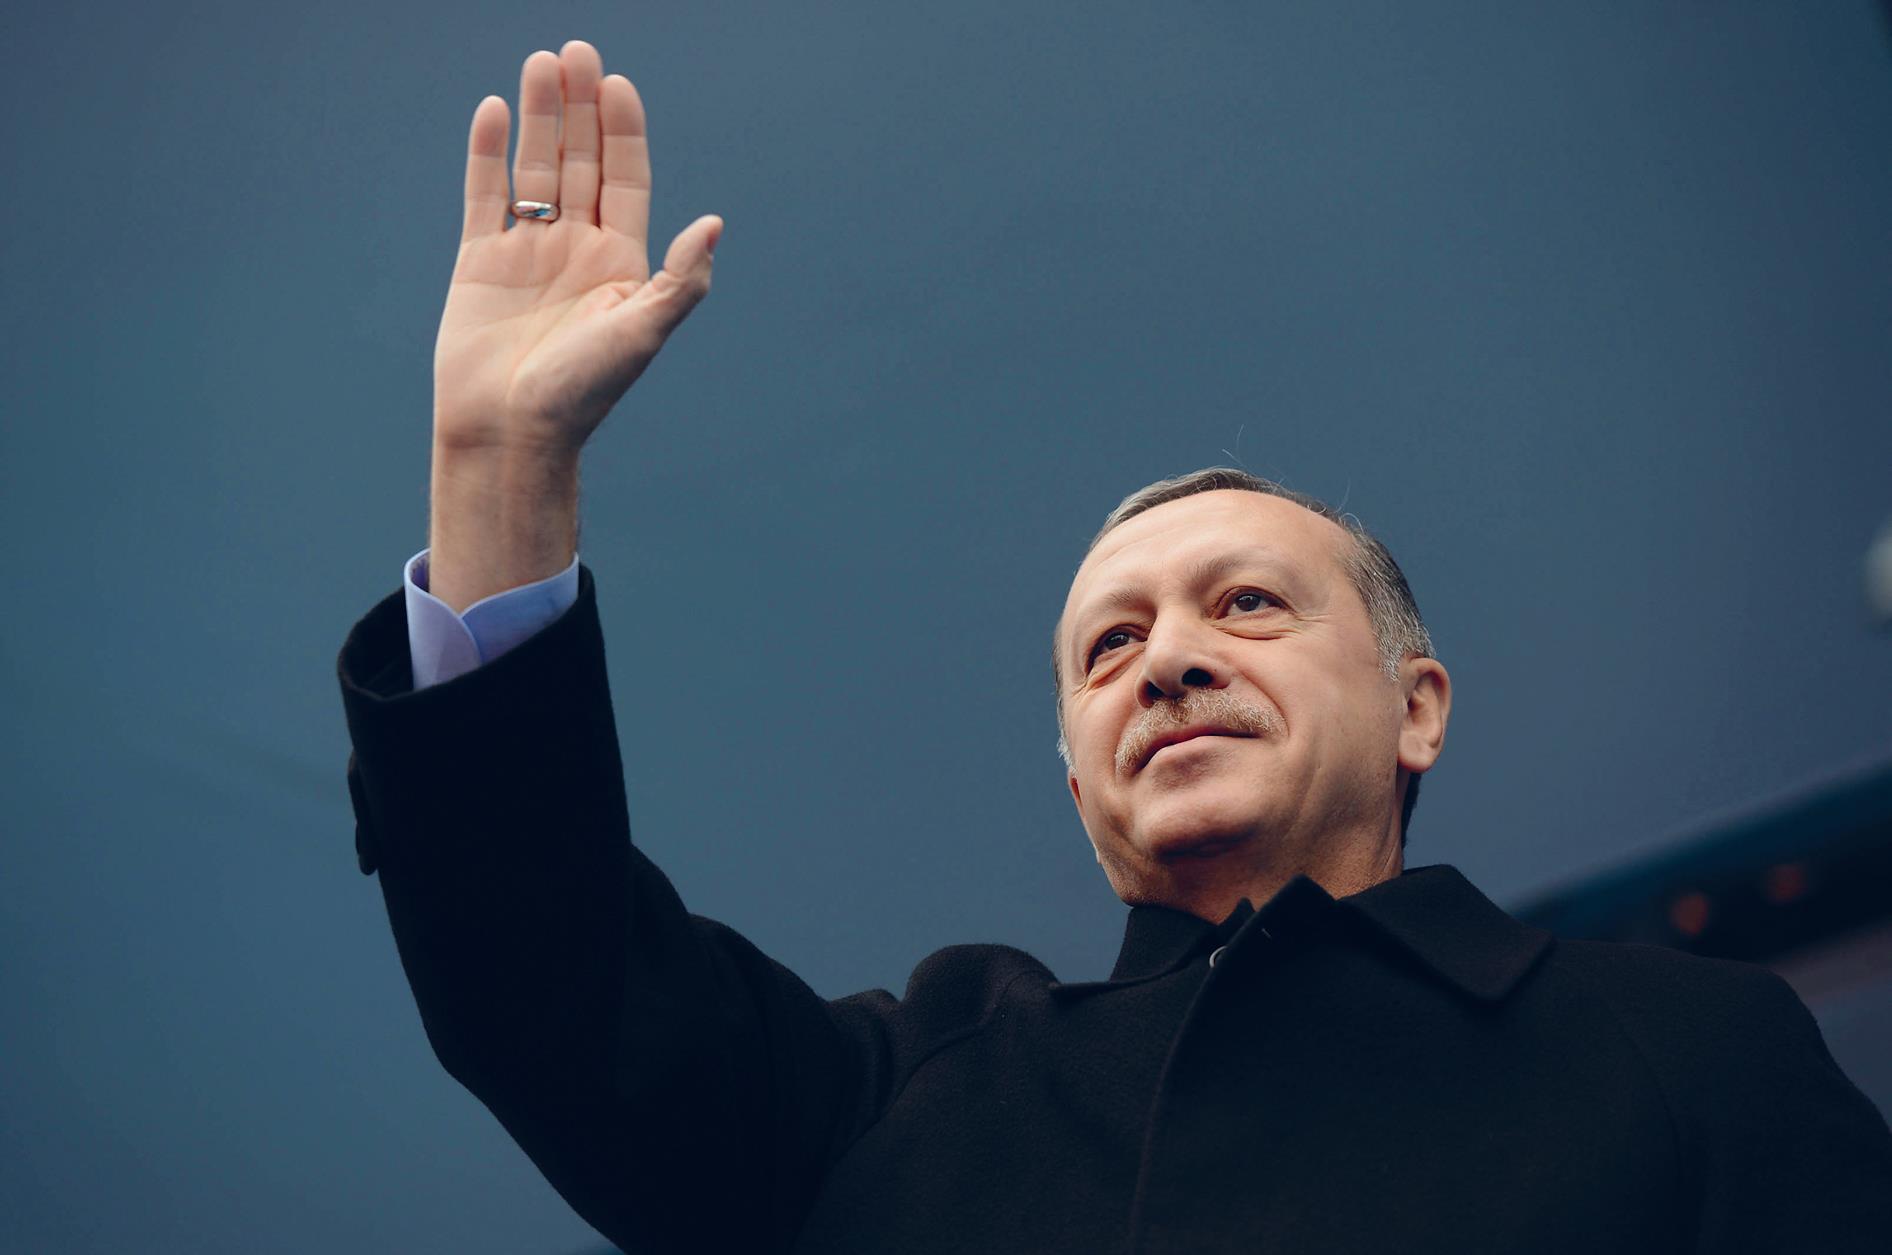 KONSERVATIIVI. Presidentti Recep Tayyip Erdoğanin eurasianismiin liittyy ajatus länsimaiden vastaisesta valtioprojektista. Kuva: Recep Tayyip Erdoğan/Flickr